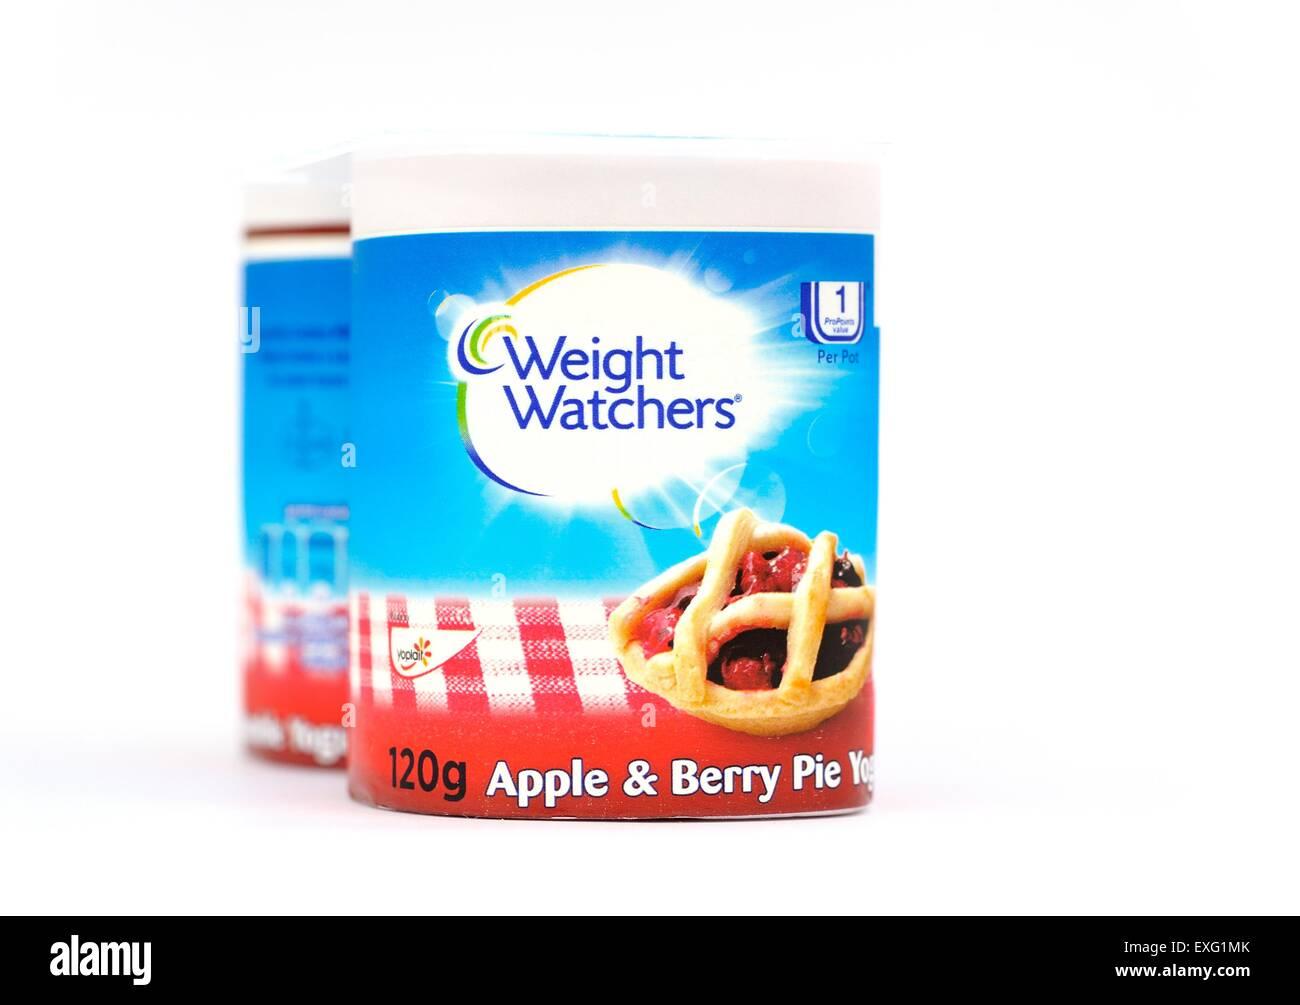 Weight watchers apple and berry pie yogurt 120g - Stock Image